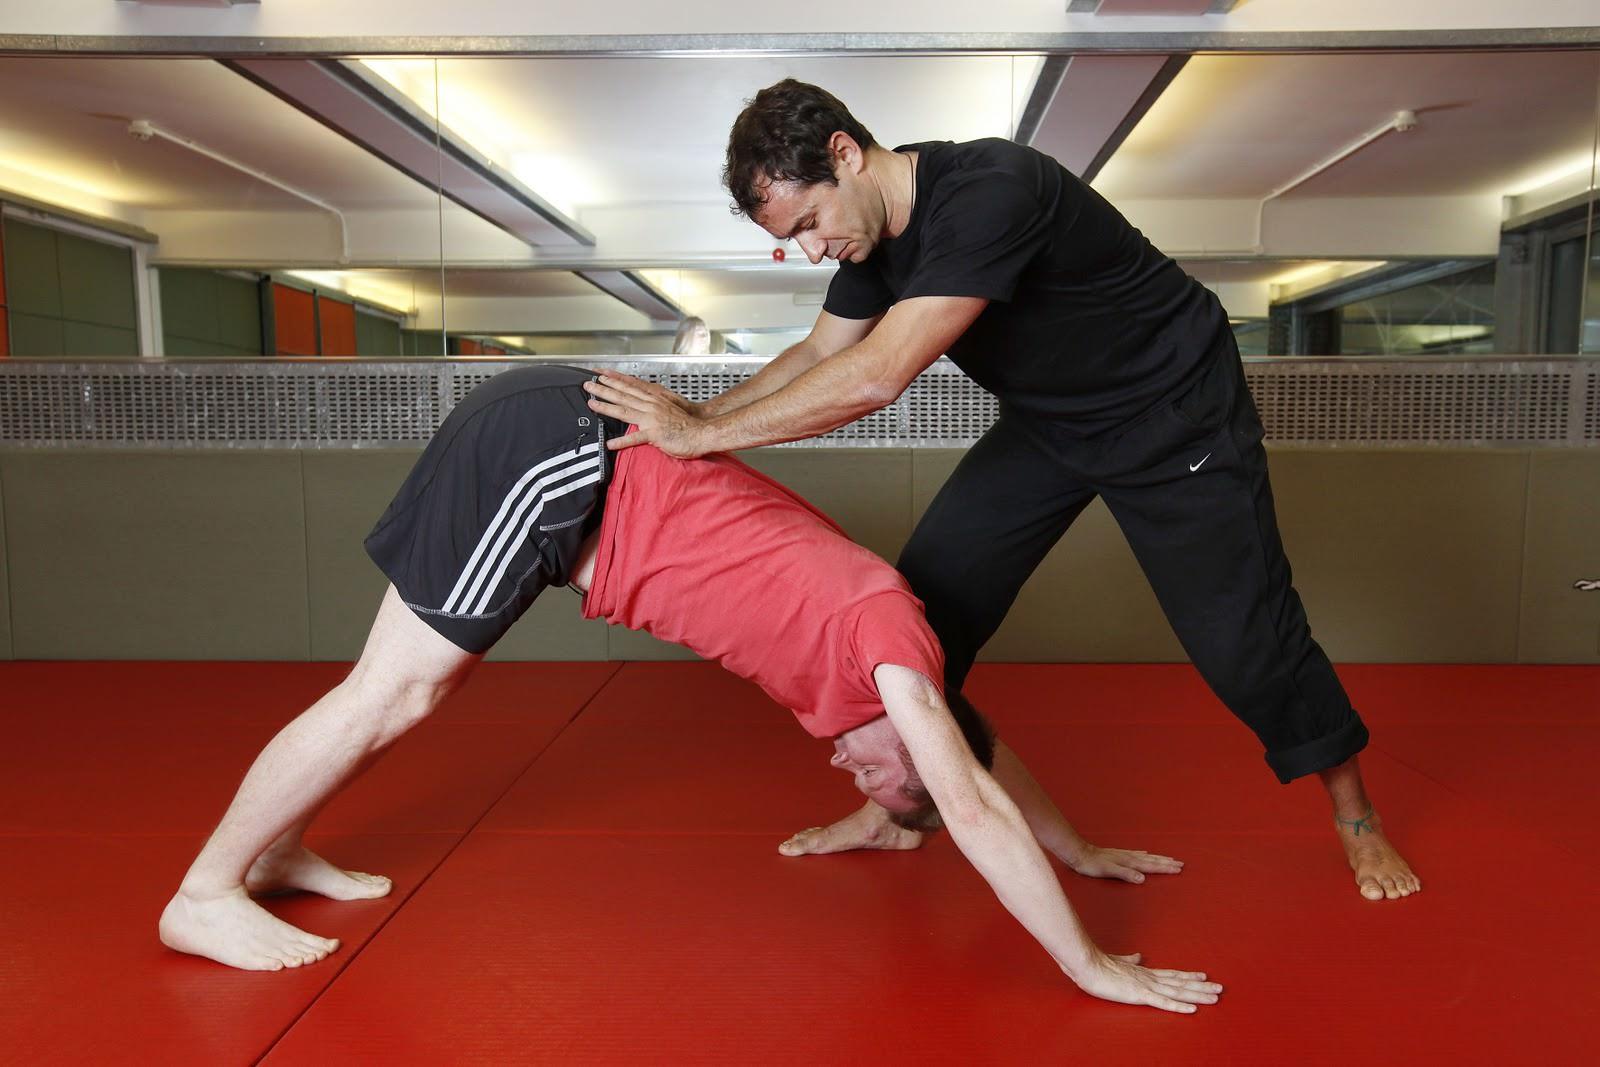 Полный список упражнений при простатите с видео: спорт, йога, физкультура